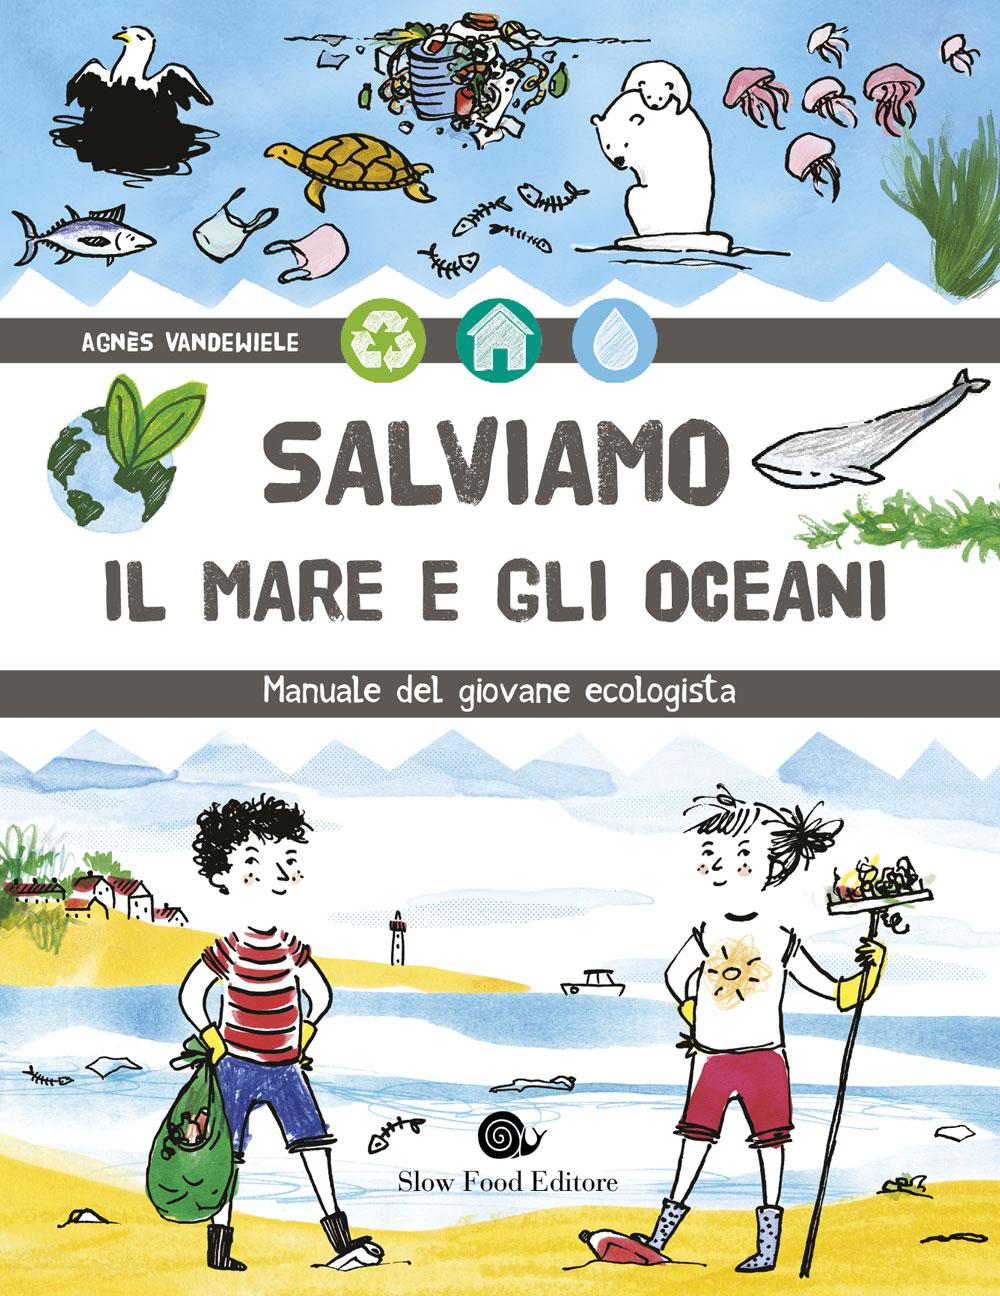 Salviamo il mare e gli oceani